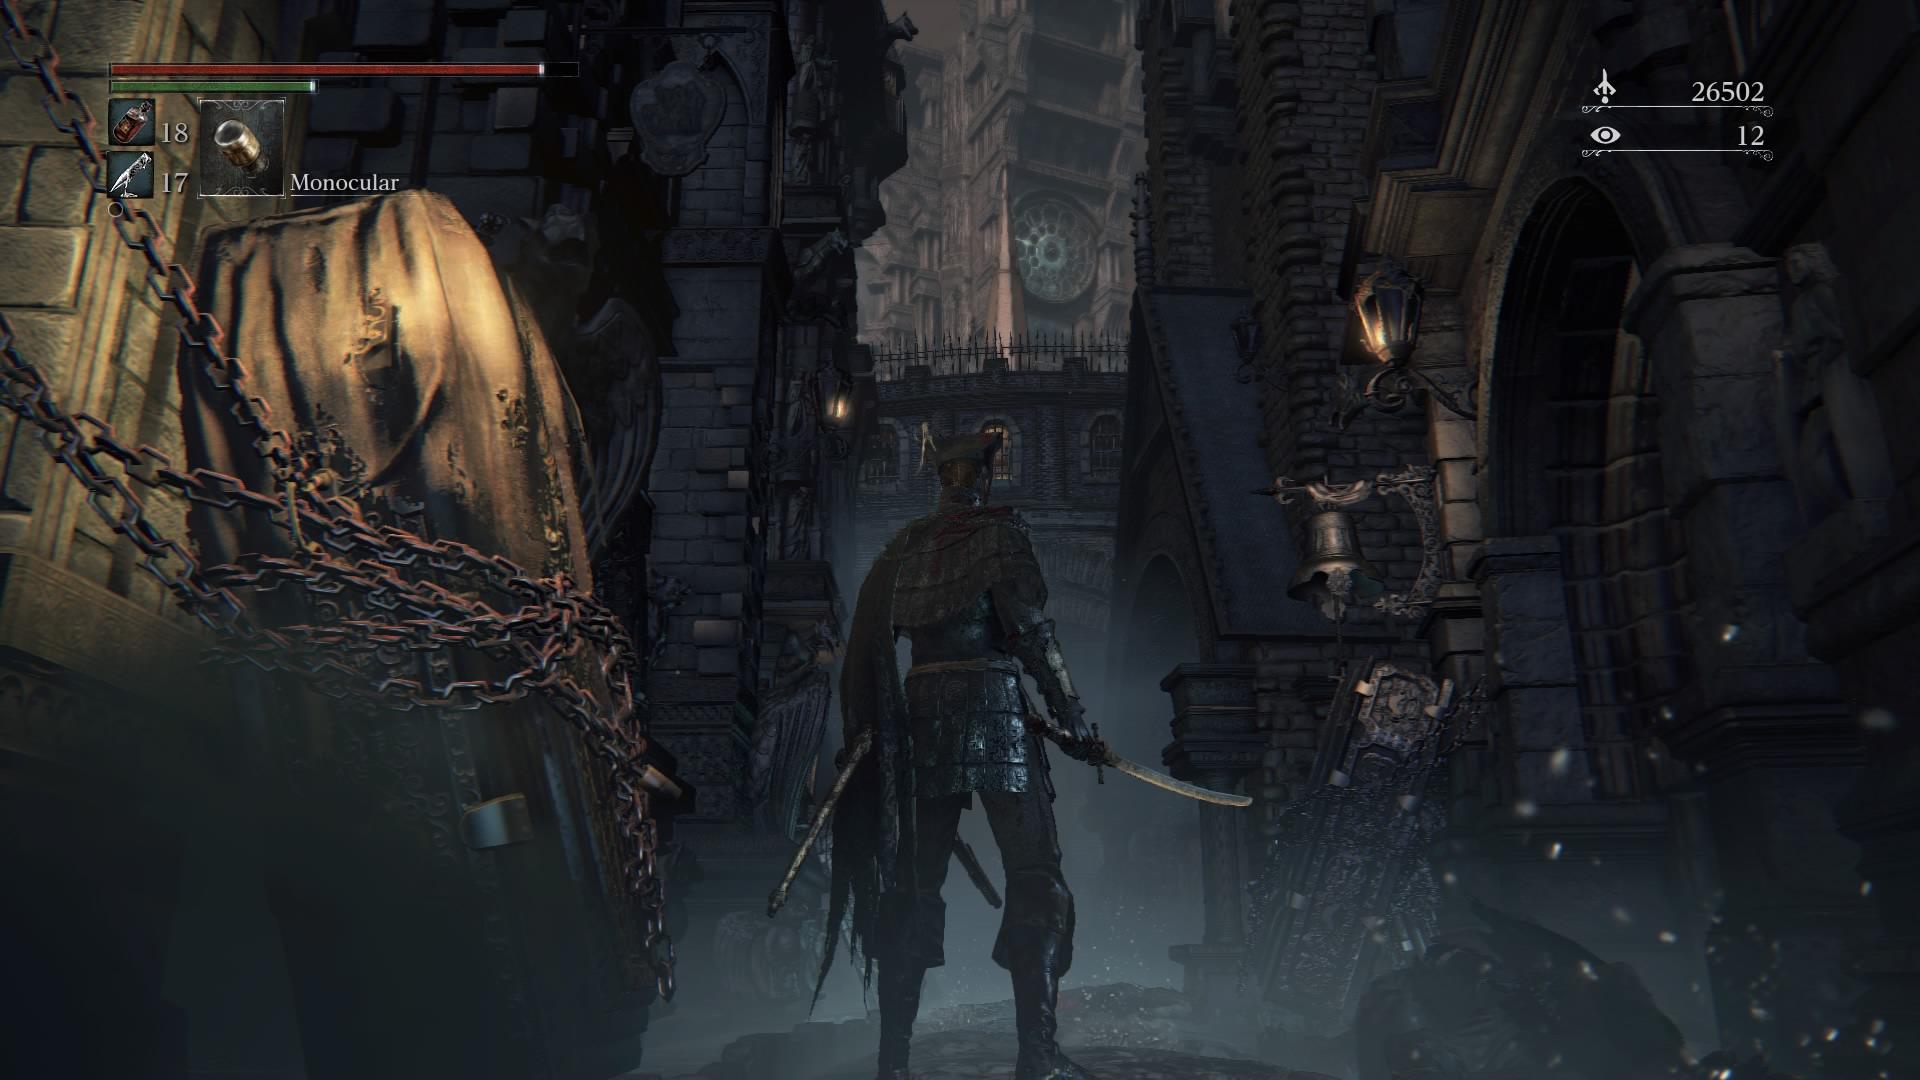 血源诅咒 Bloodborne - 叽咪叽咪 | 游戏评测